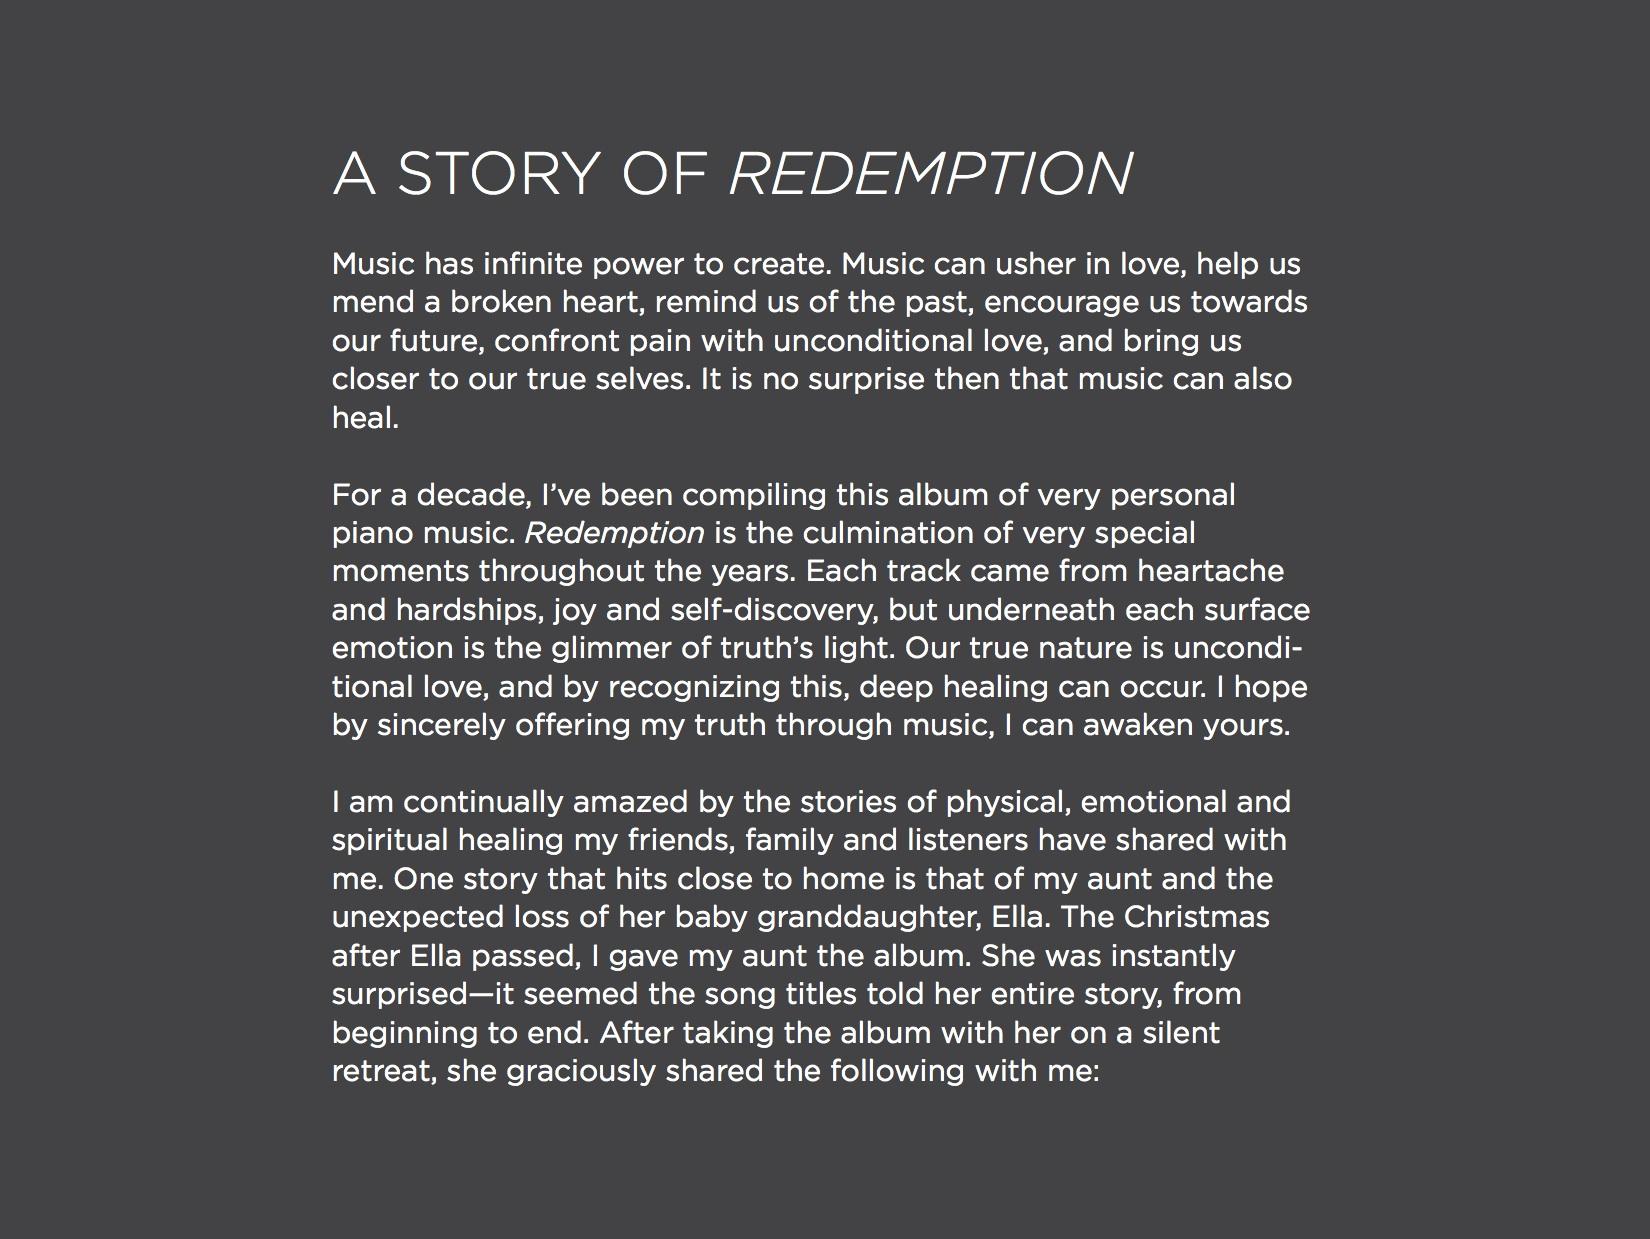 Redemption_liner_notes4.jpg